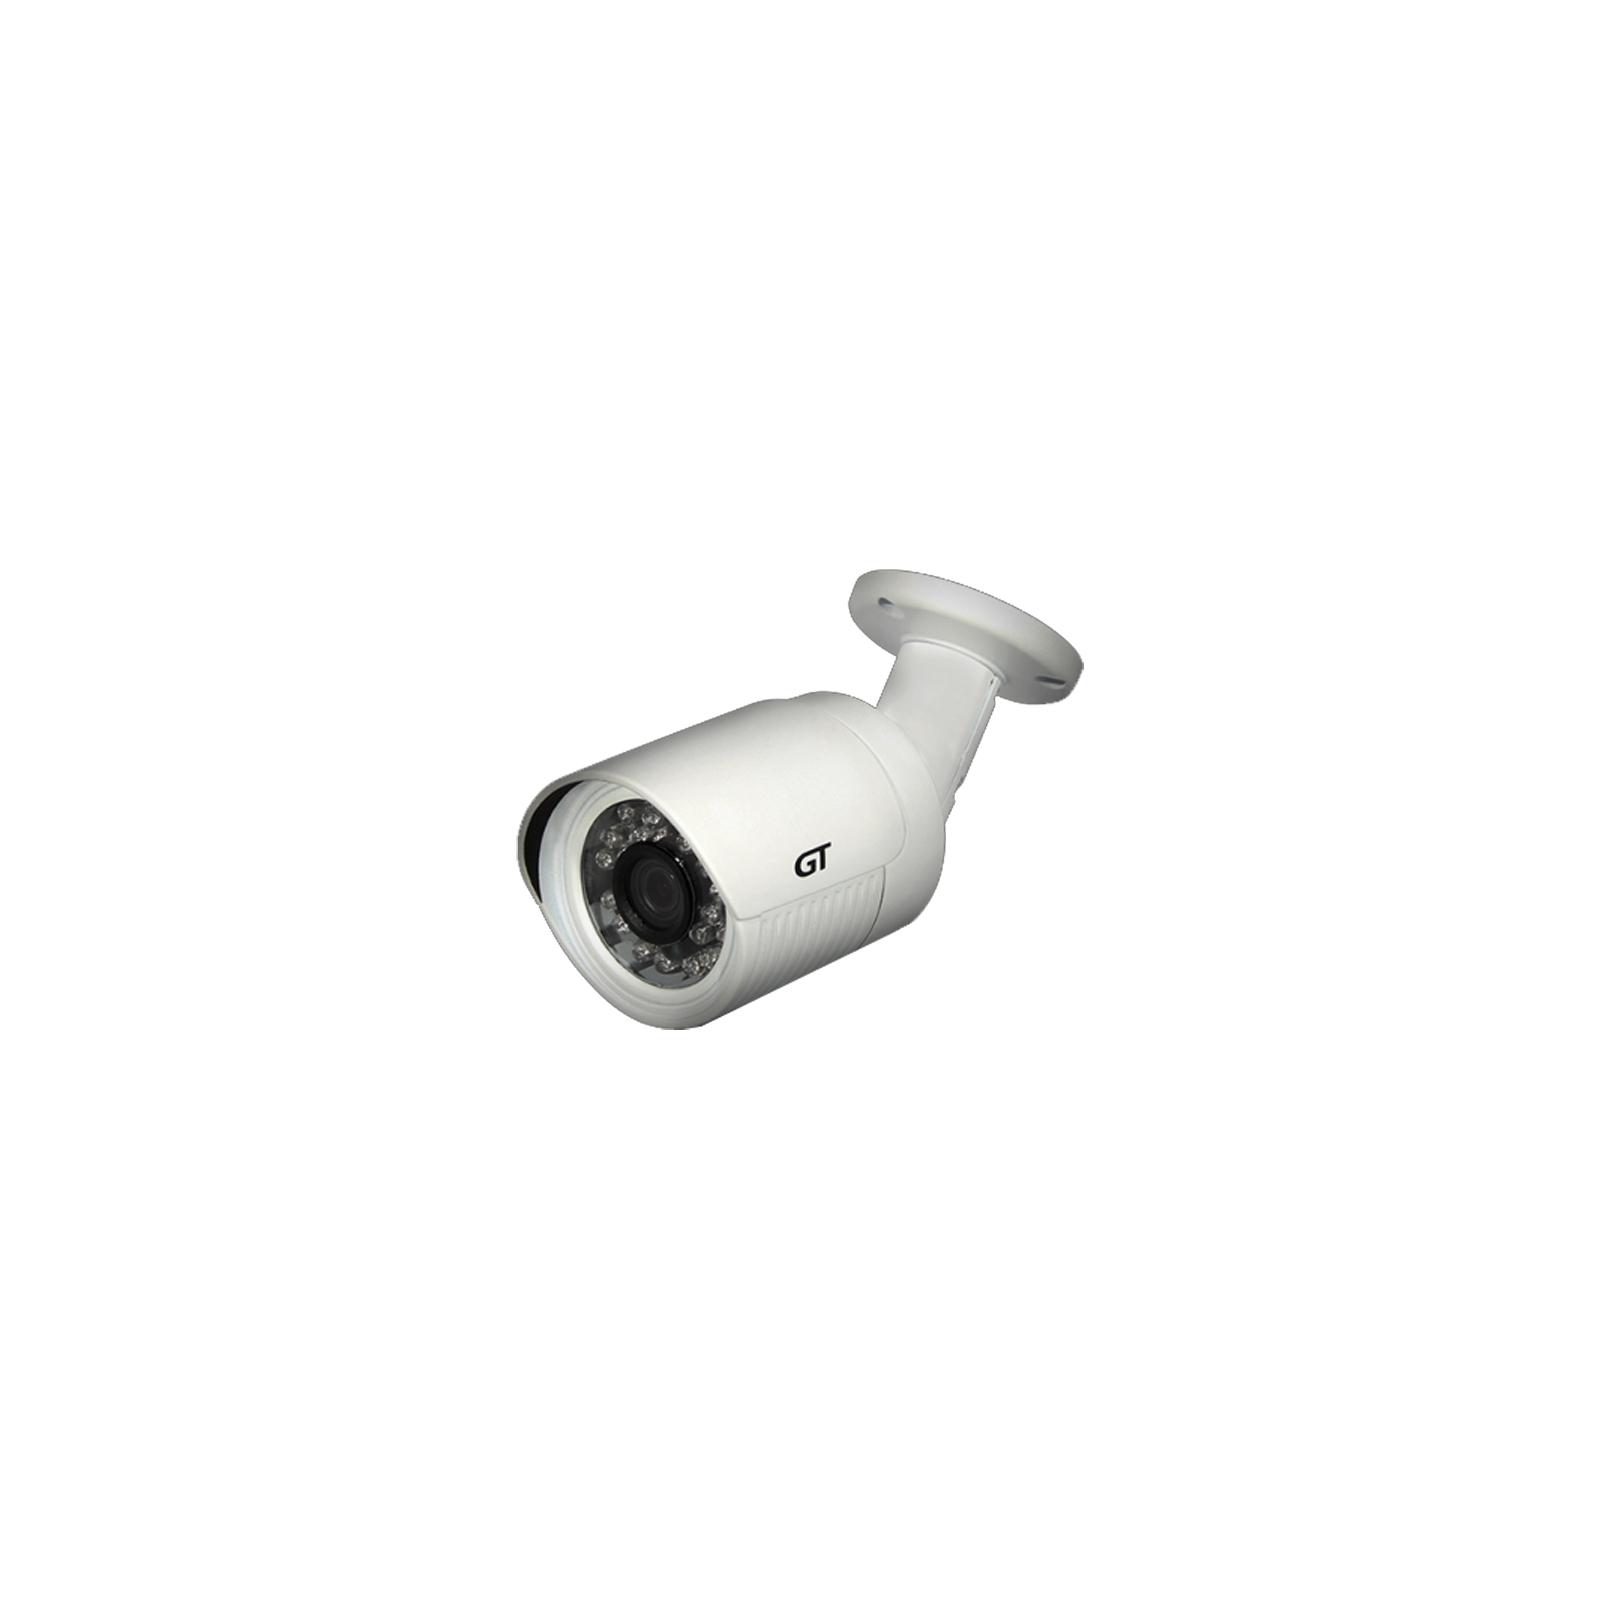 Камера видеонаблюдения GT Electronics AH203-20